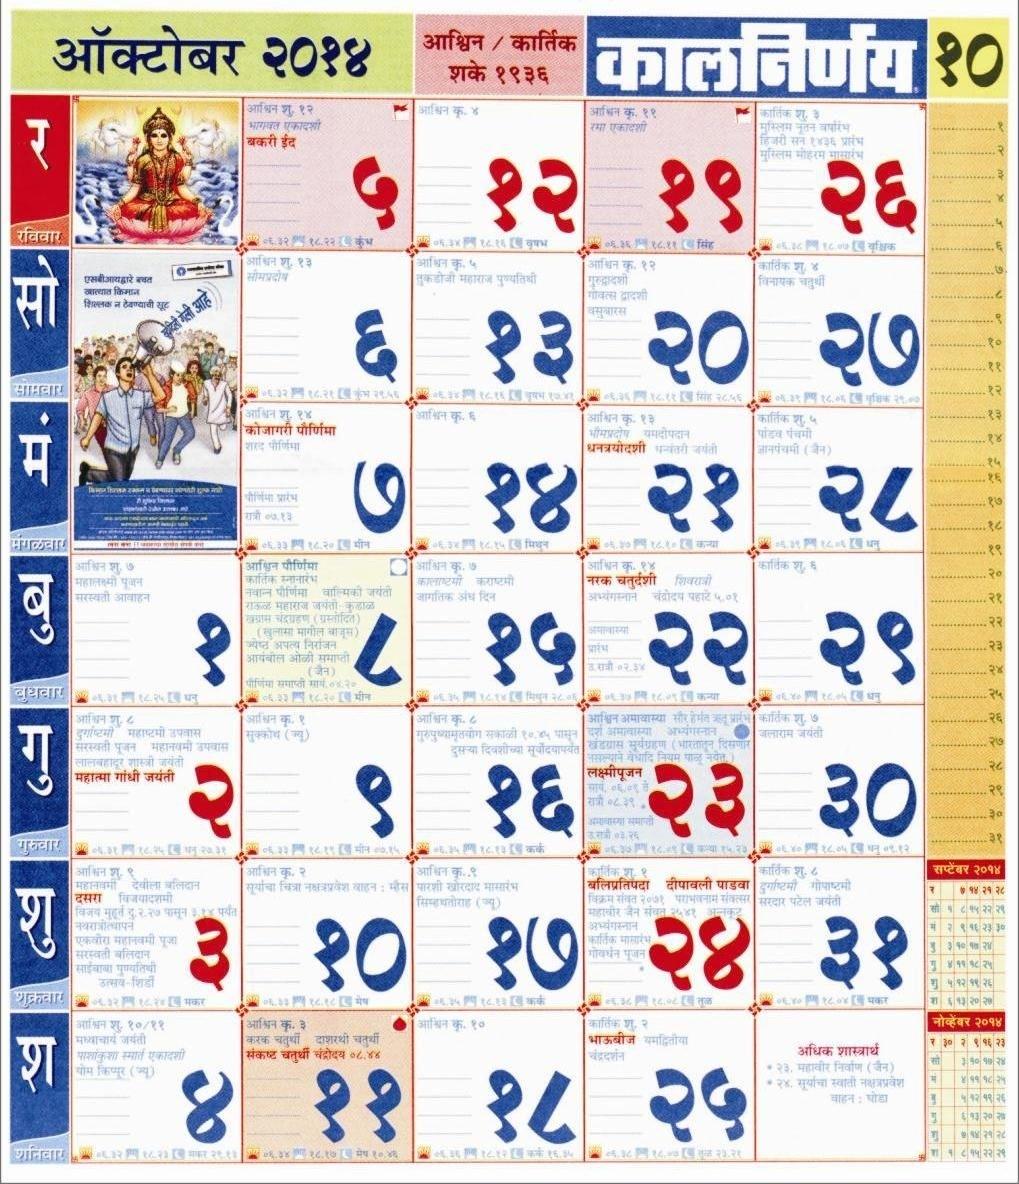 Kalnirnay October 2014 Marathi Calendar | Kalnirnay | Pinterest 2020 Calendar In Marathi